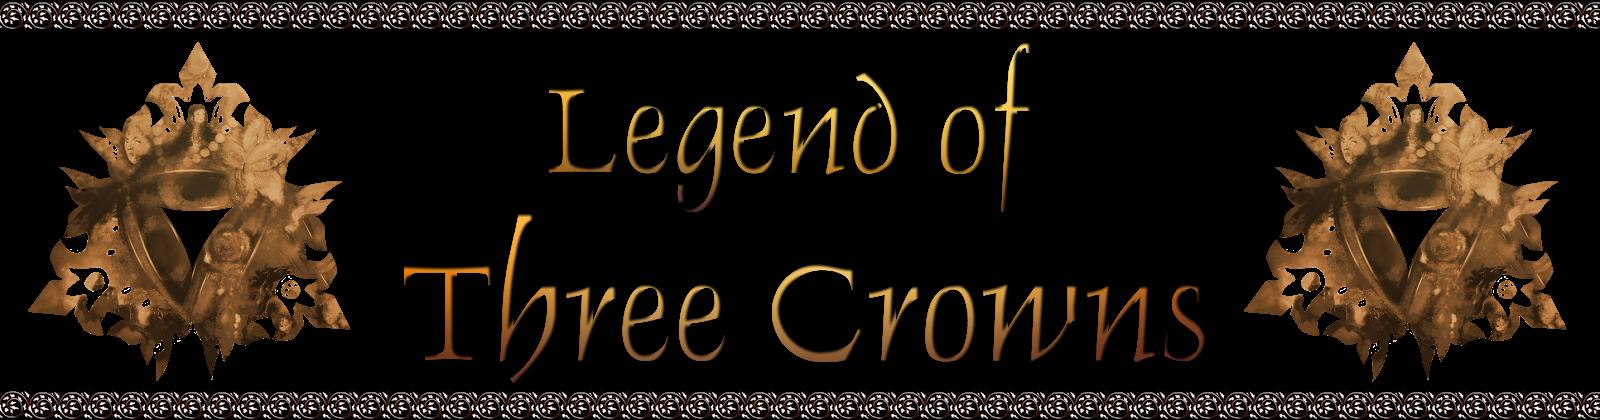 http://legendofthreecrowns.blogspot.ca/